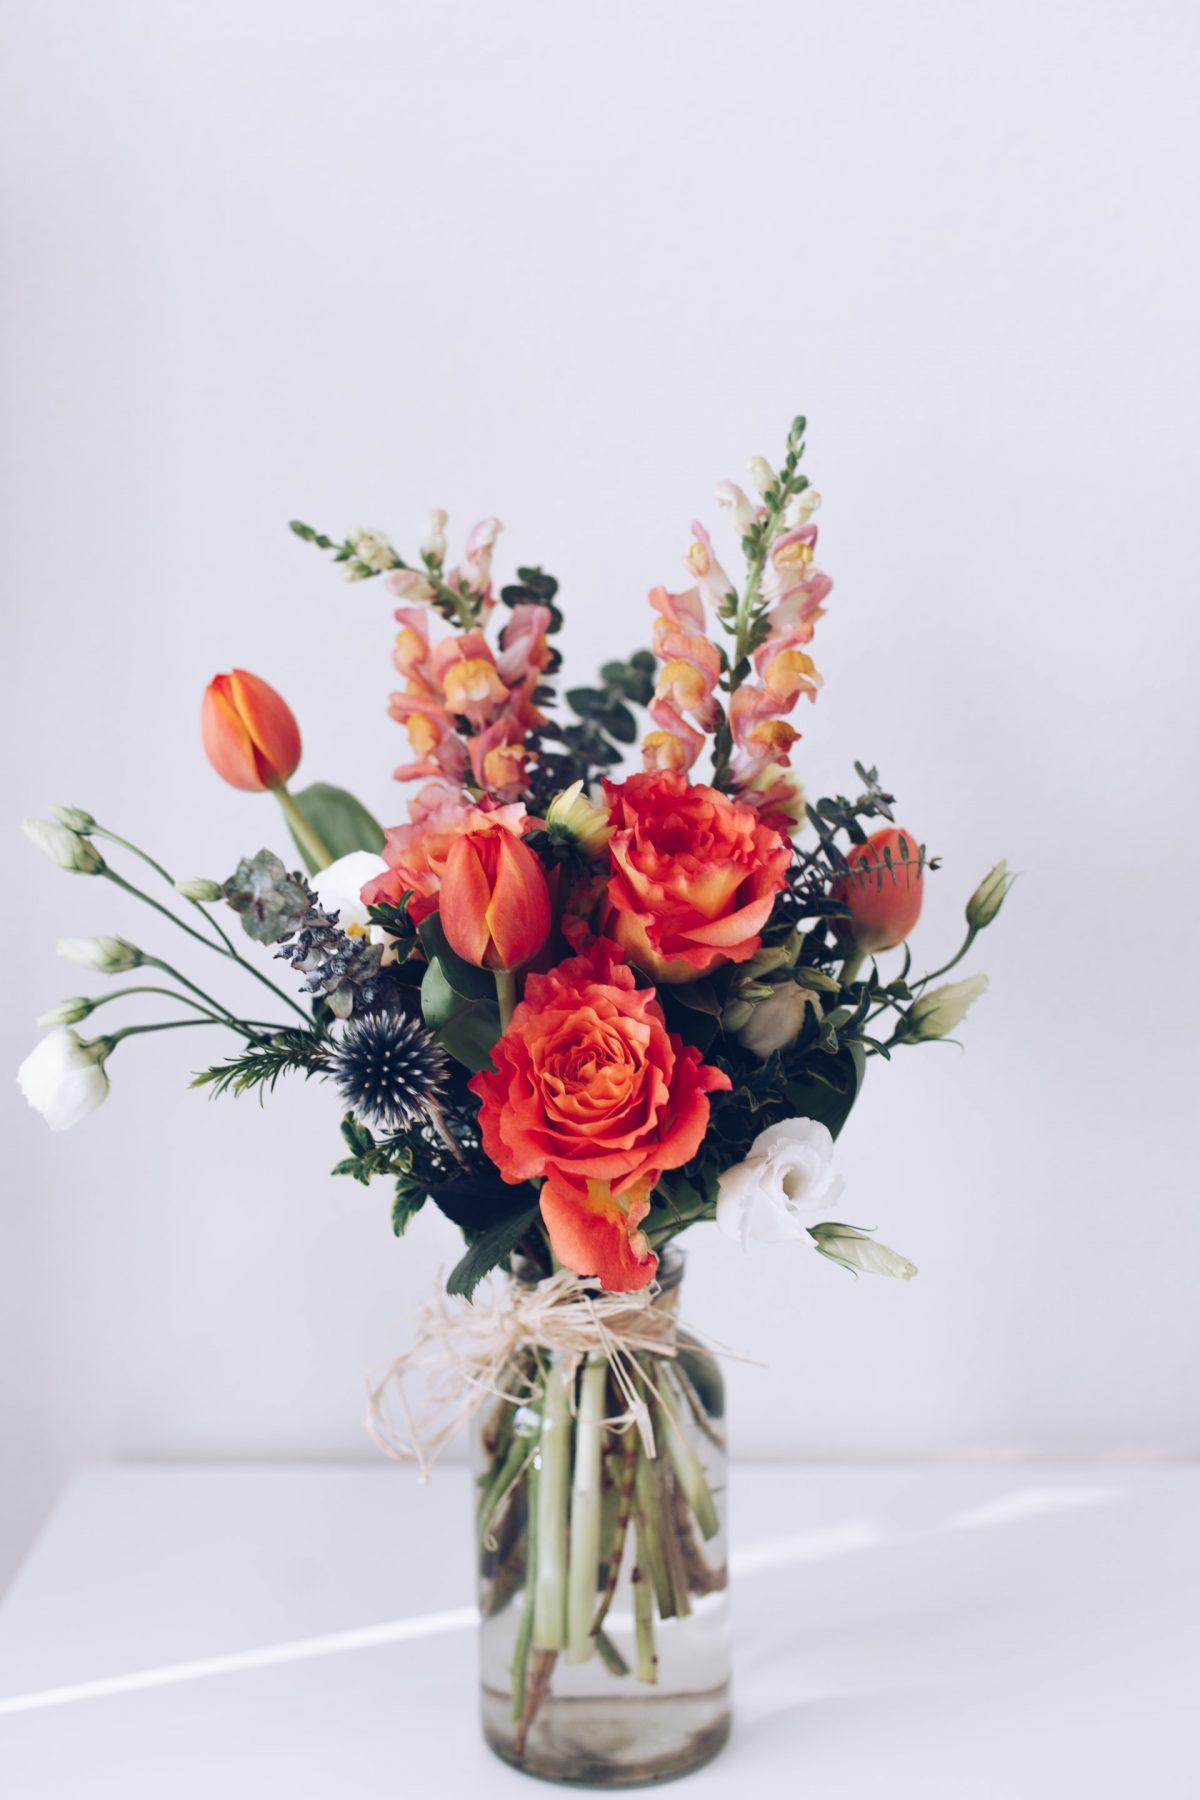 Plant blomster og bruk dem til innredning